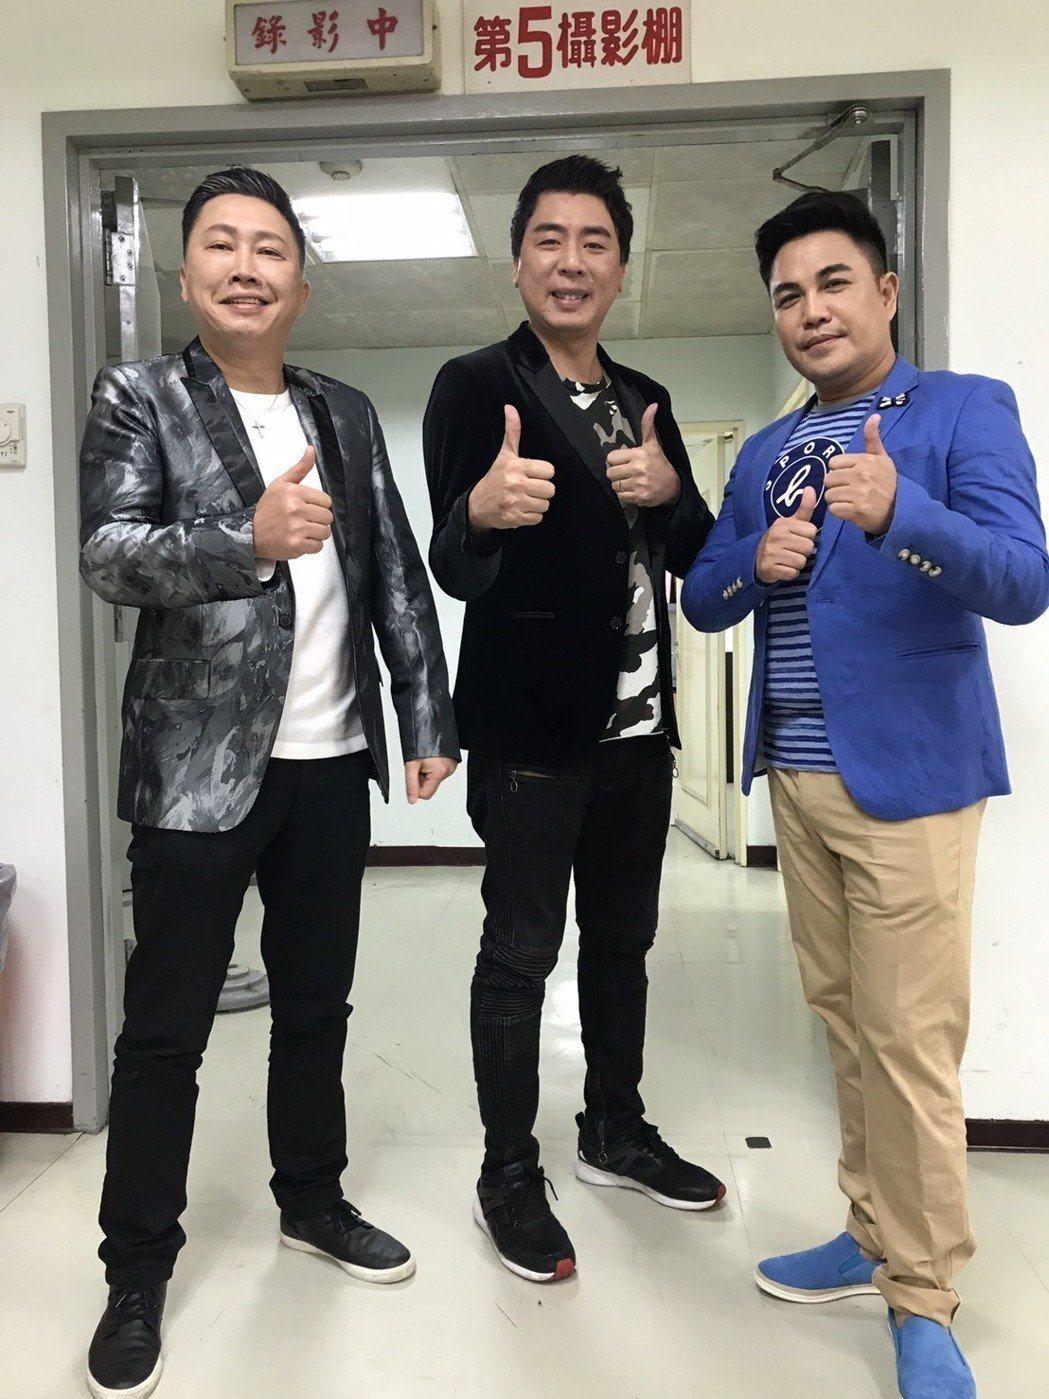 林智賢(右)是景行廳男孩中最晚脫單的一個,左為趙正平,中為梁赫群。本報資料照